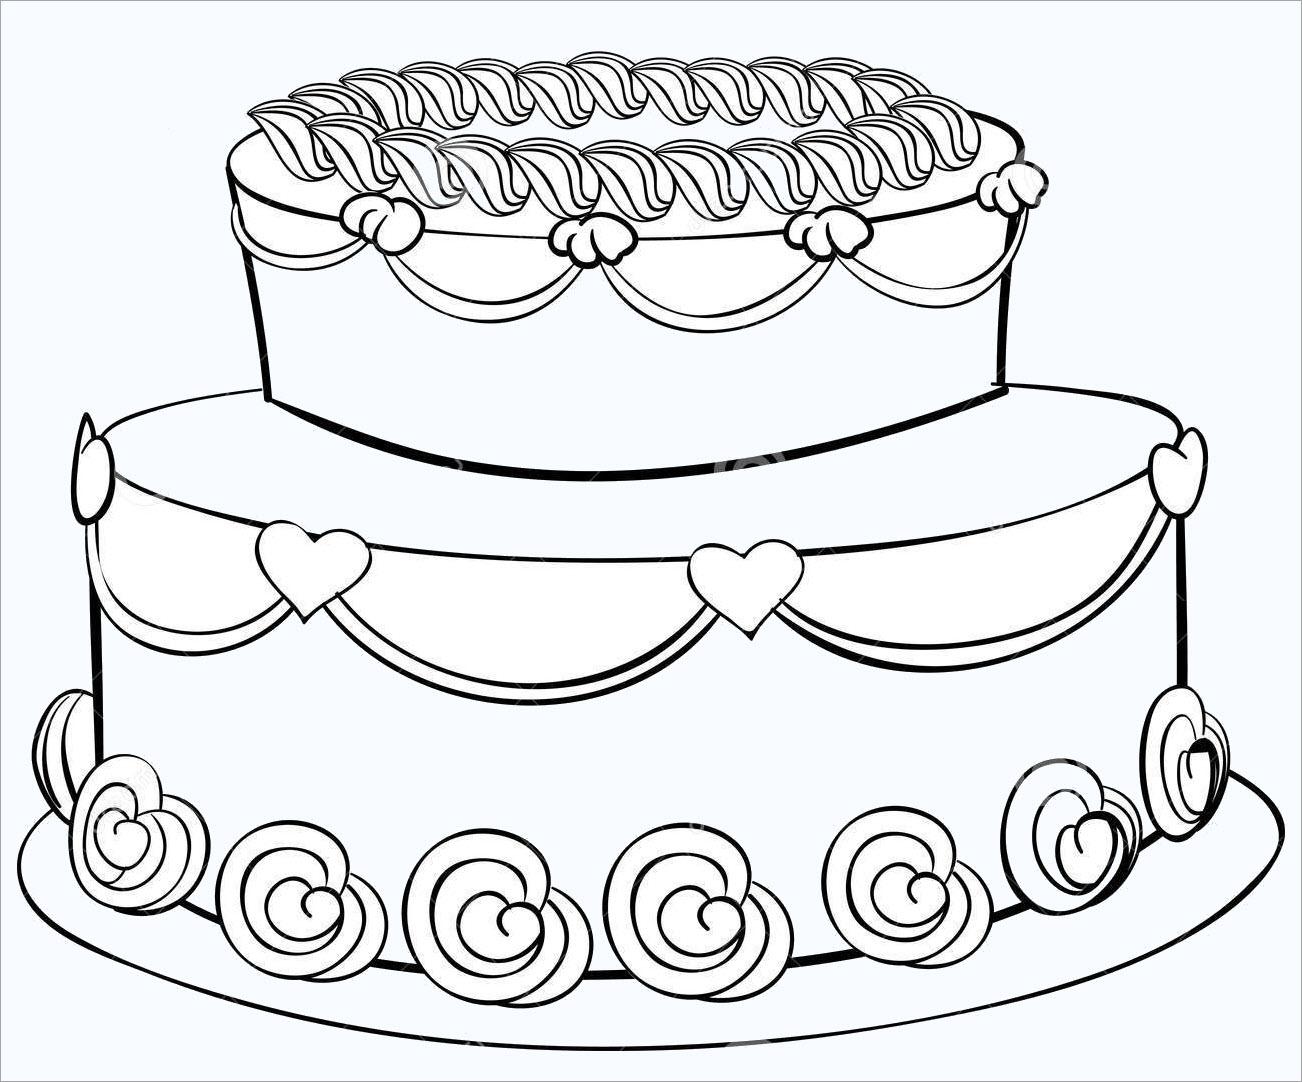 Tranh tô màu hình bánh kem sinh nhật